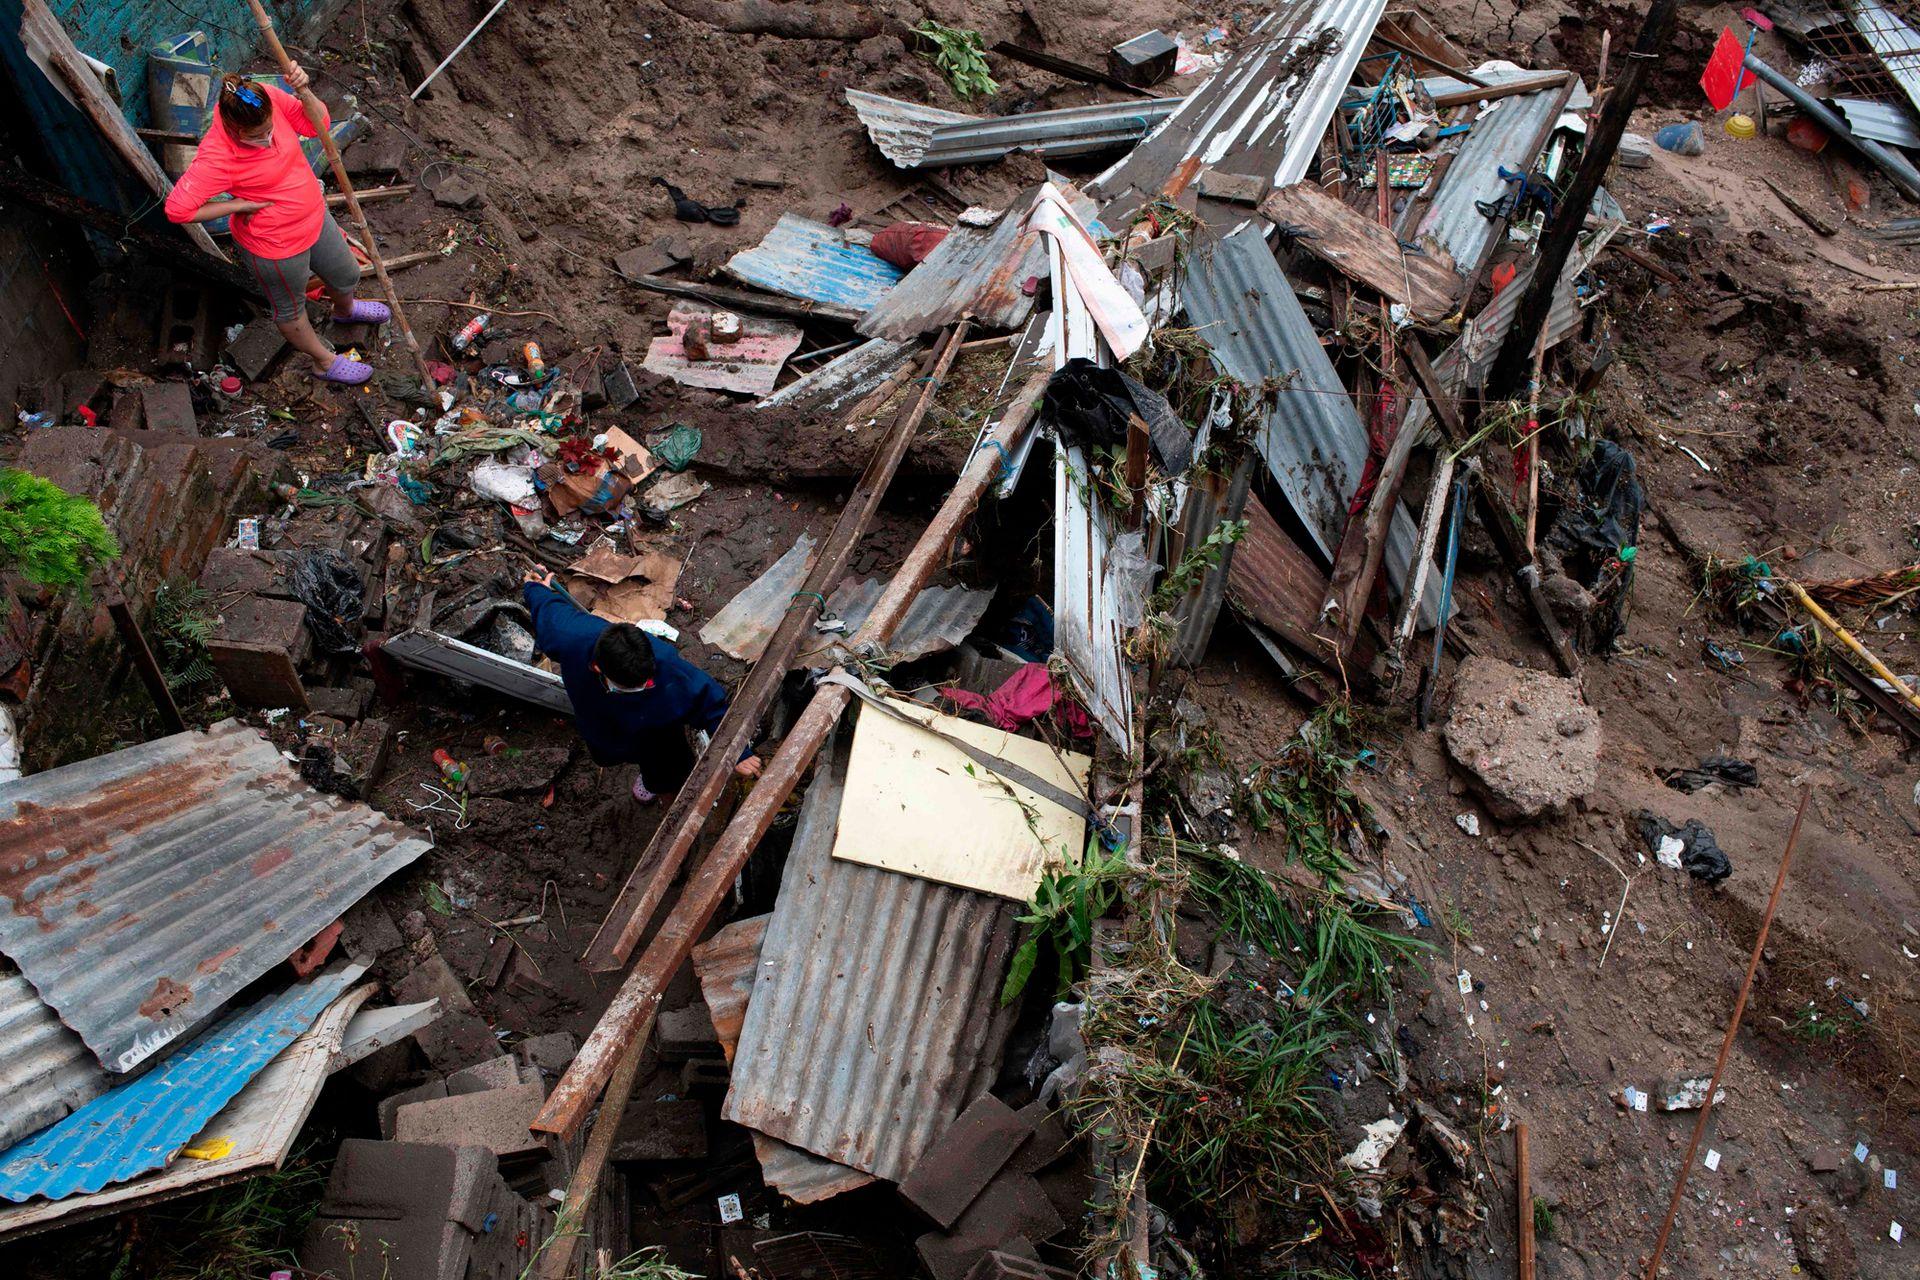 """La red vial en diferentes puntos de El Salvador estaba anegada y se contabilizaban 154 derrumbes, de los cuales 83 """"son de gravedad"""", por lo que el tráfico se encuentra restringido"""